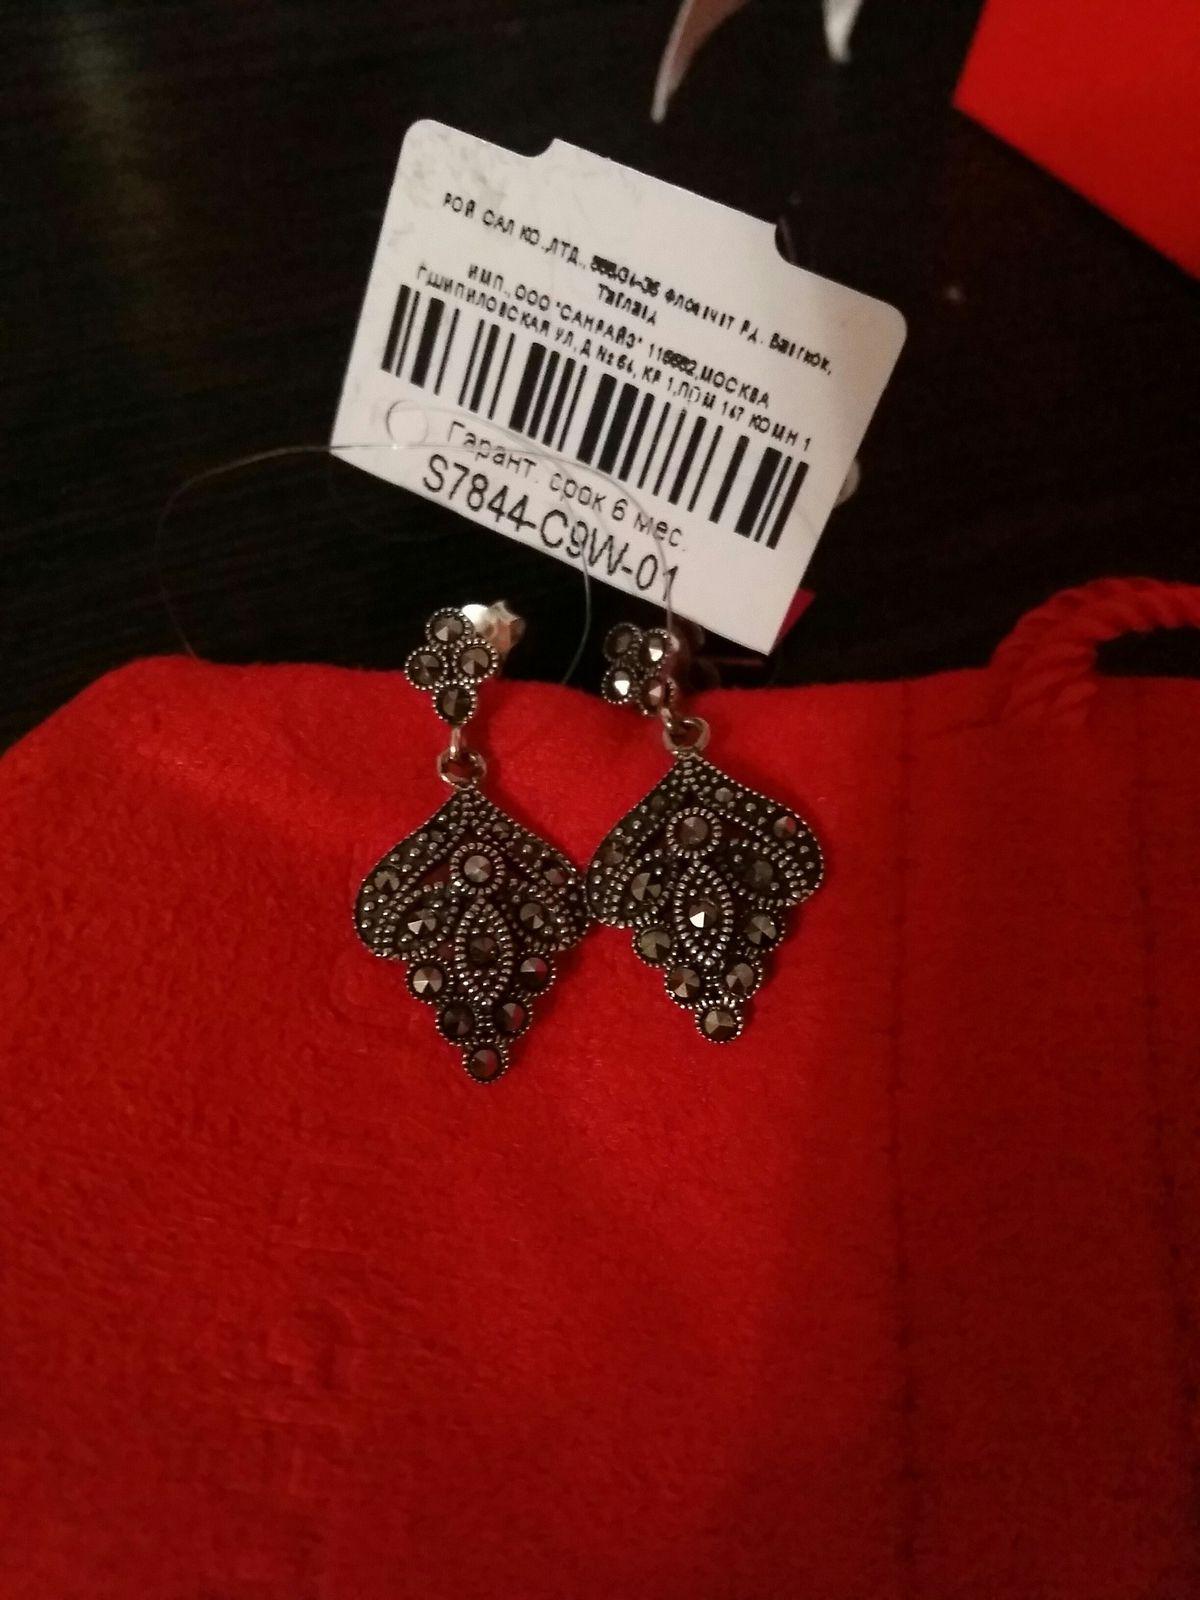 Серебряные сережки с мраказитами - отличное украшение, и приятная цена.....